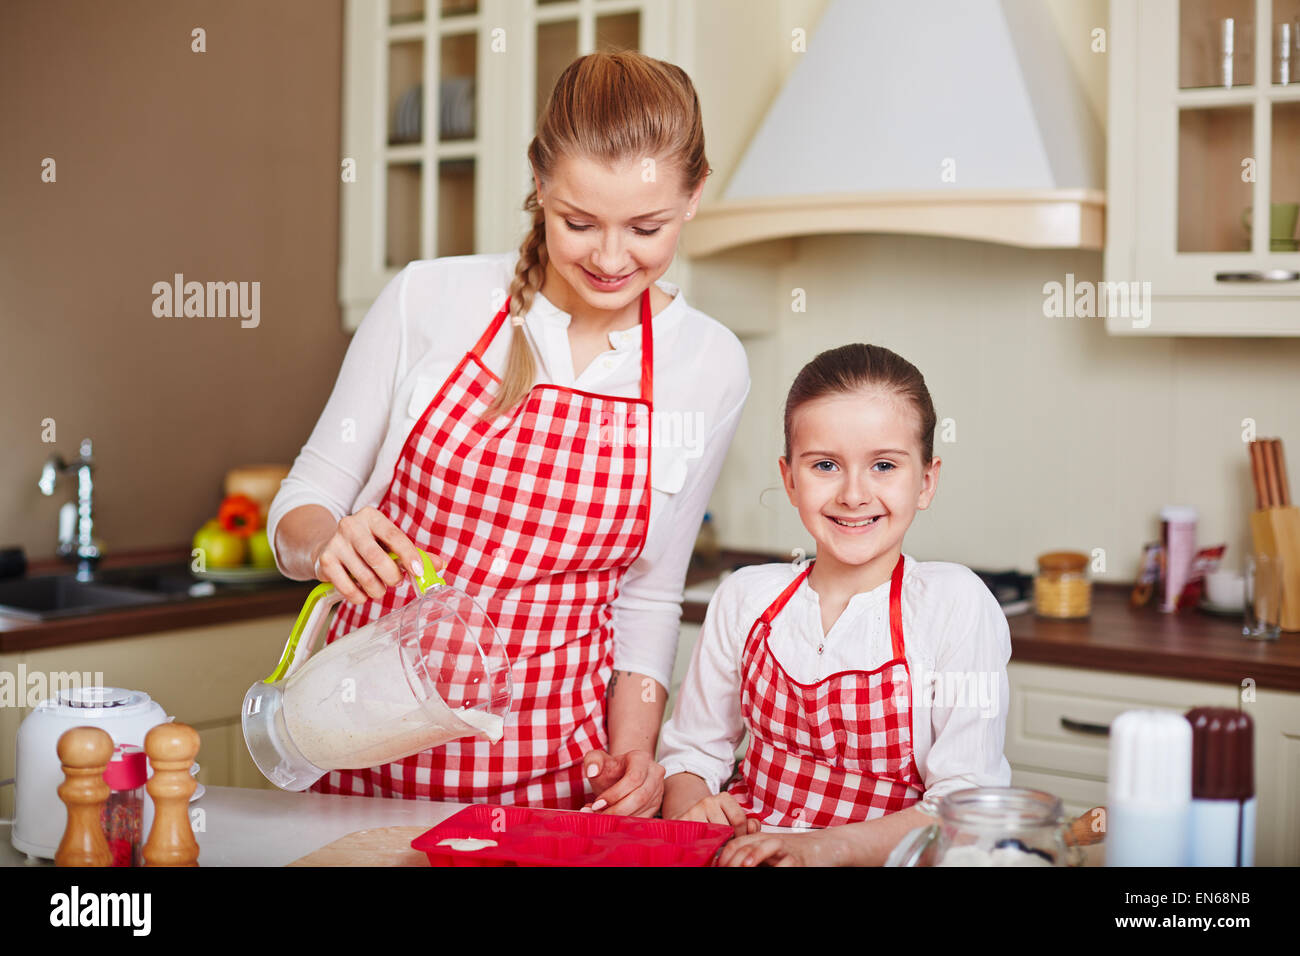 Entzückende Mädchen und ihre Mutter in Muffin-Formen mit flüssigen Teig in der Nähe von füllen Stockbild